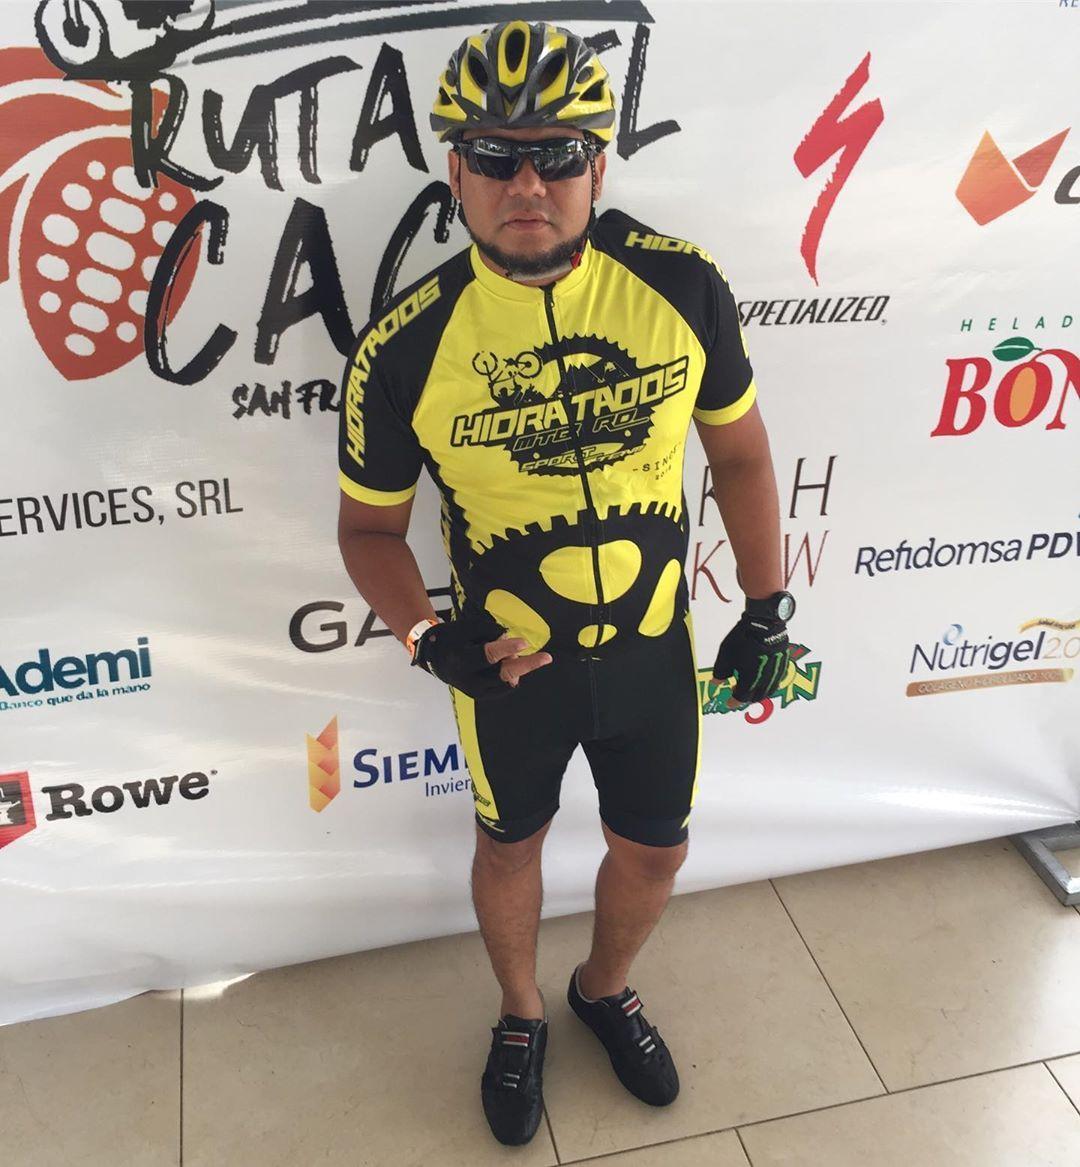 OTRA META LOGRADA RUTA DEL CACAO 2019 #rutadelcacao2019 #larutadelcacao2019 @rutadelcacaord  @401bik...